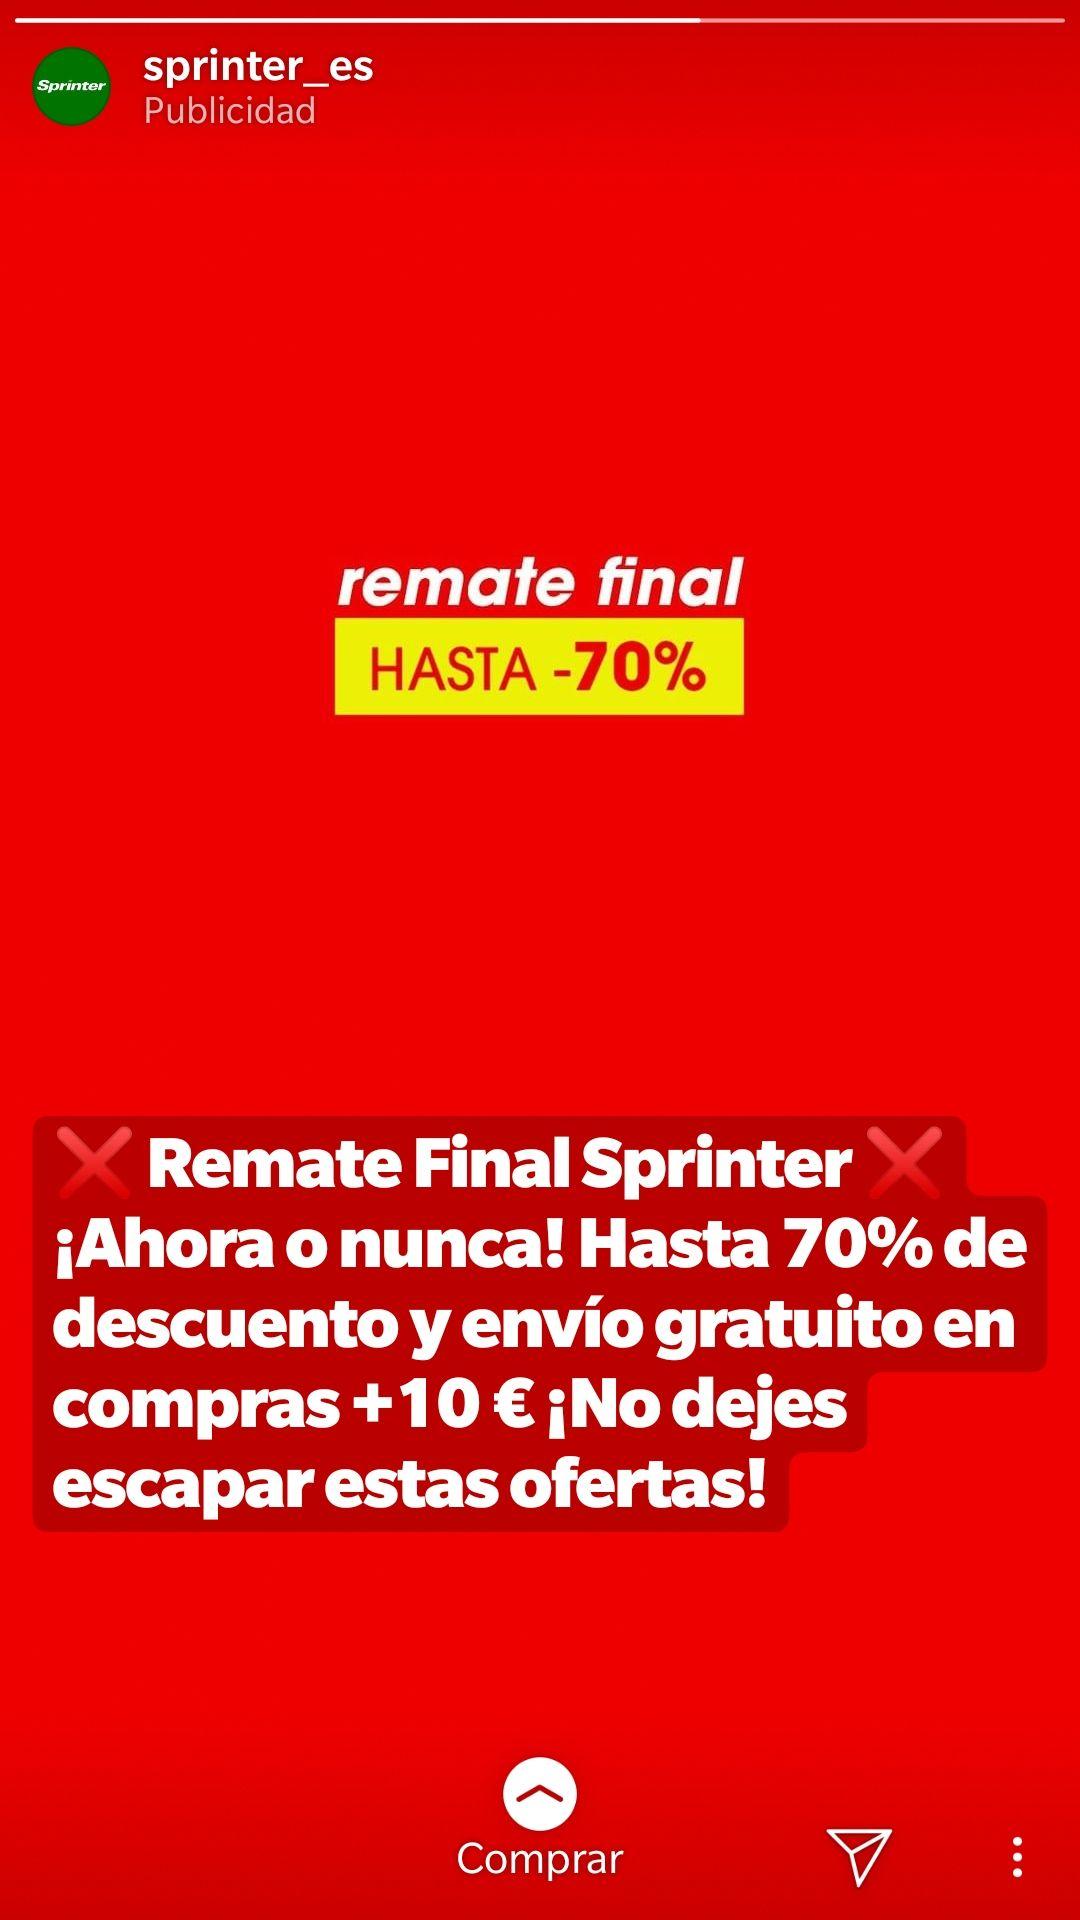 SPRINTER HASTA 70% DESCUENTO